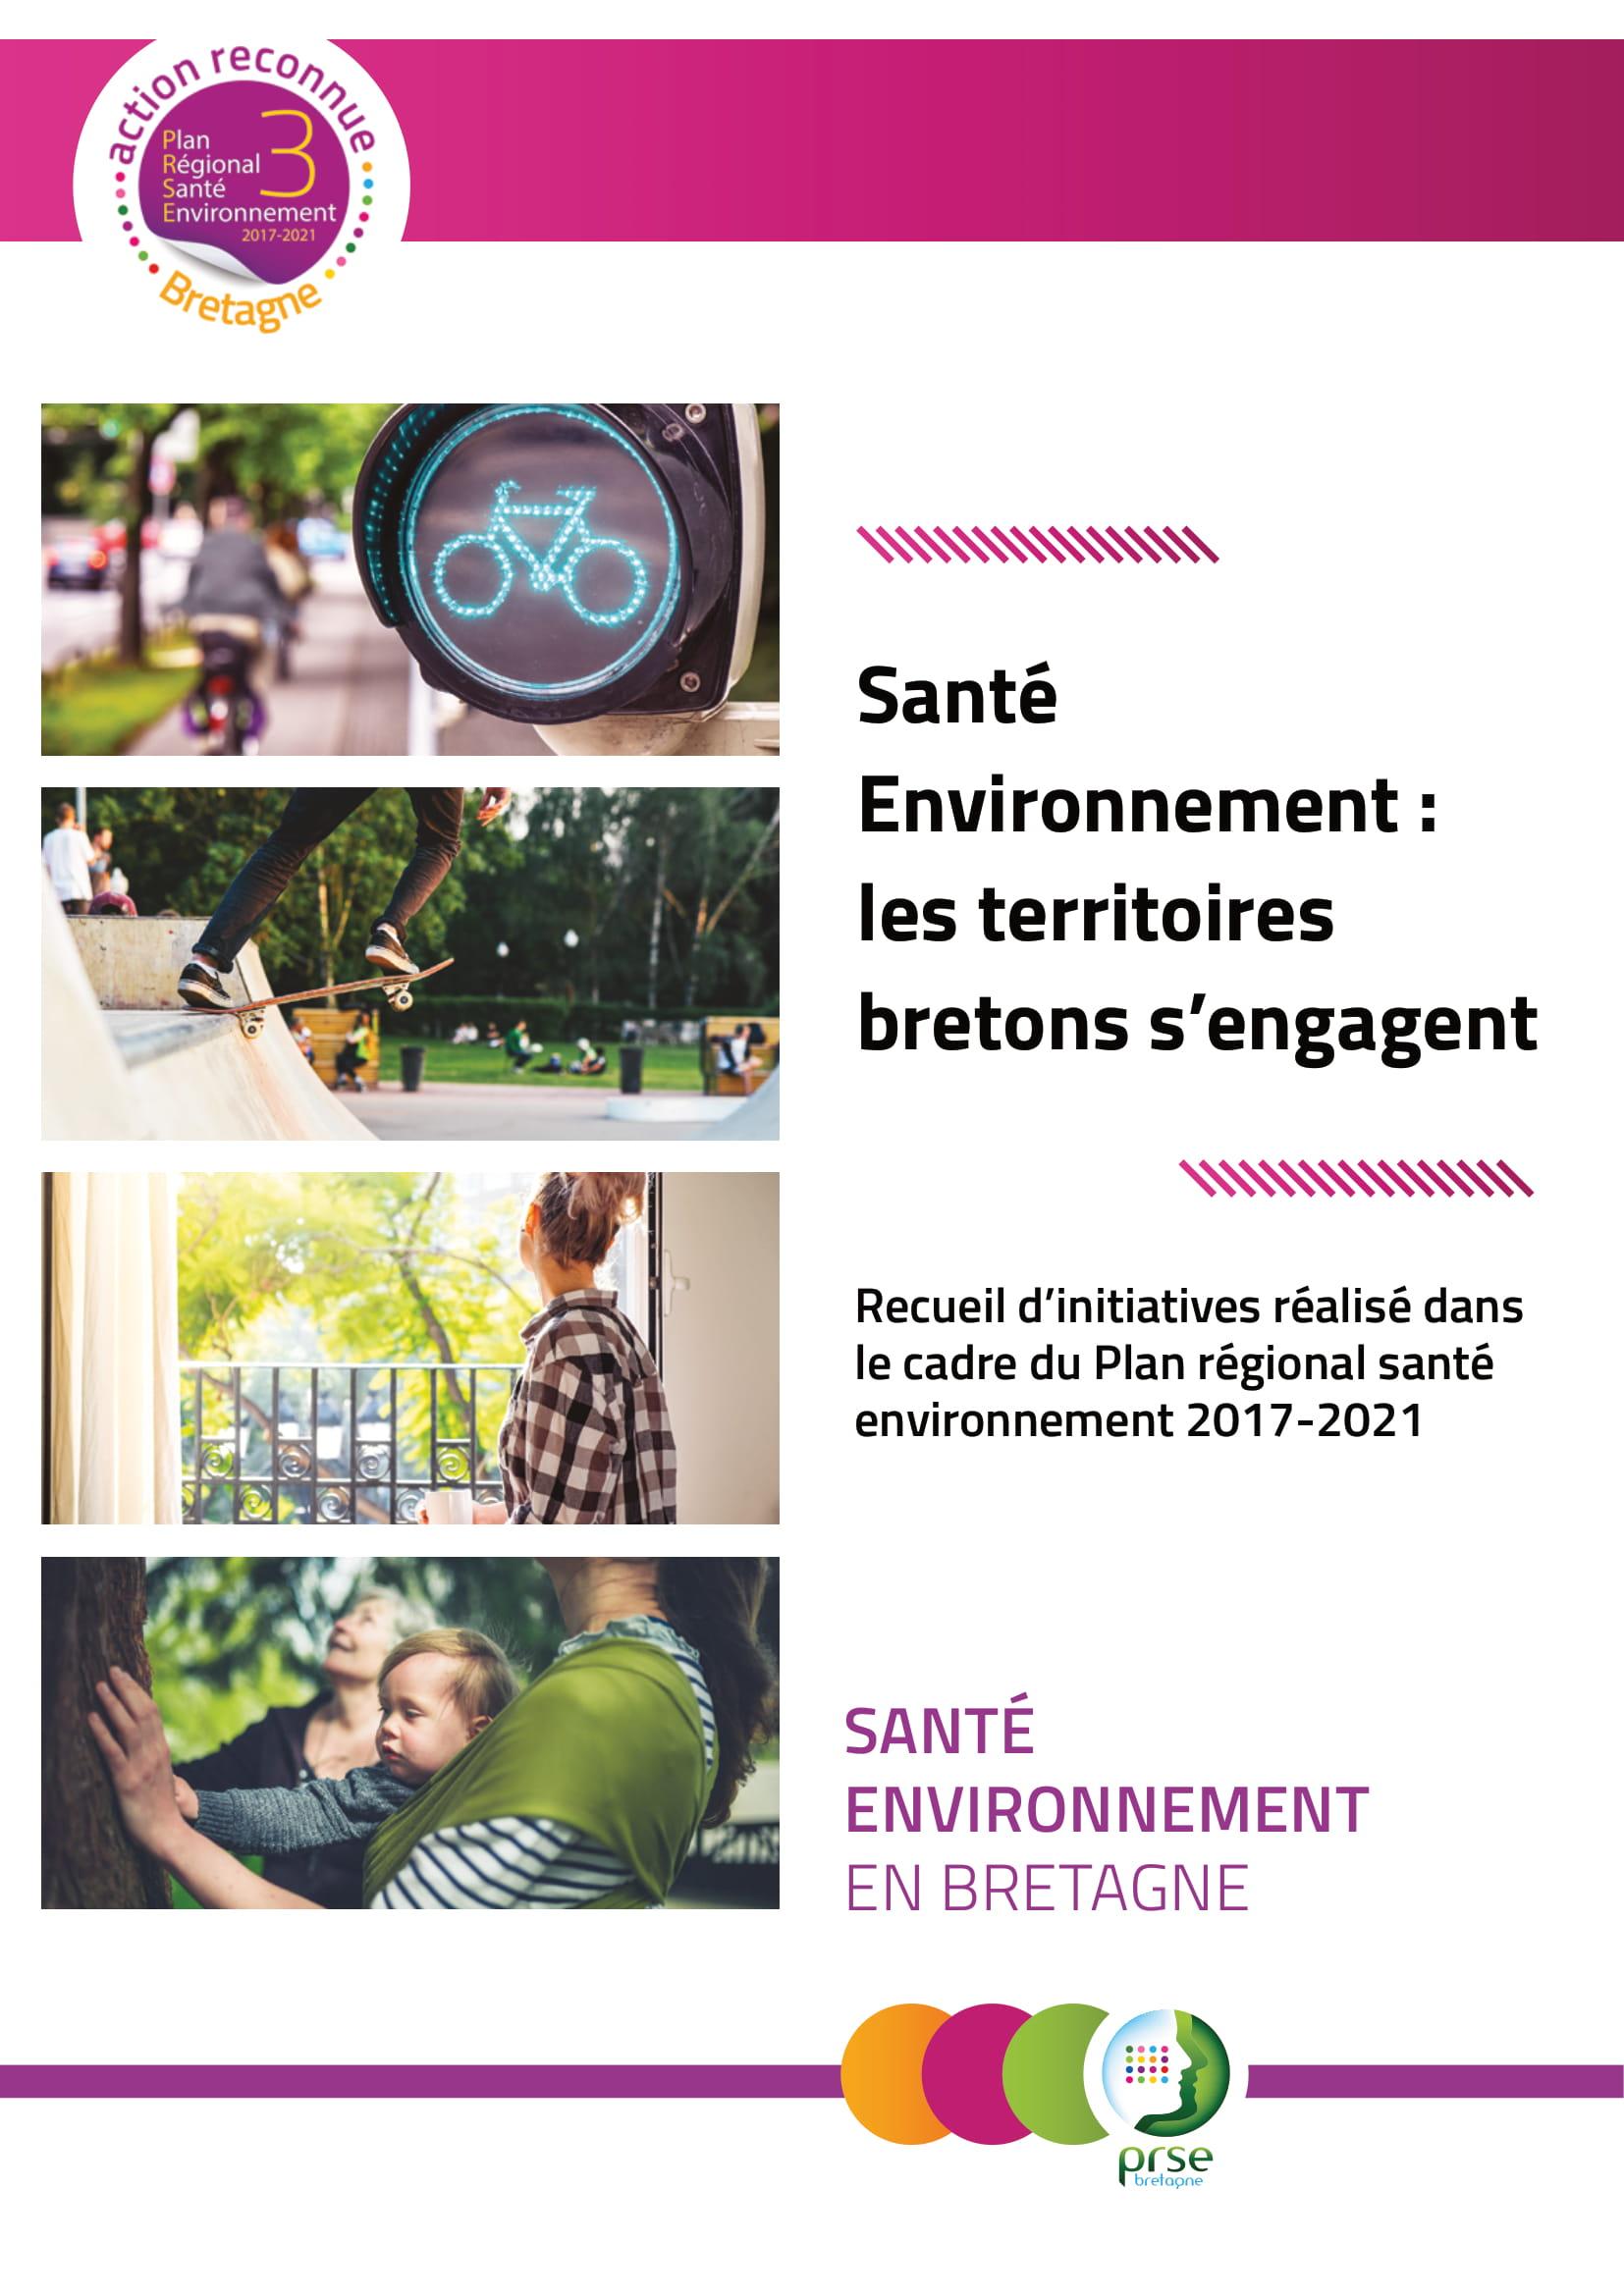 Santé Environnement : les territoires bretons s'engagent